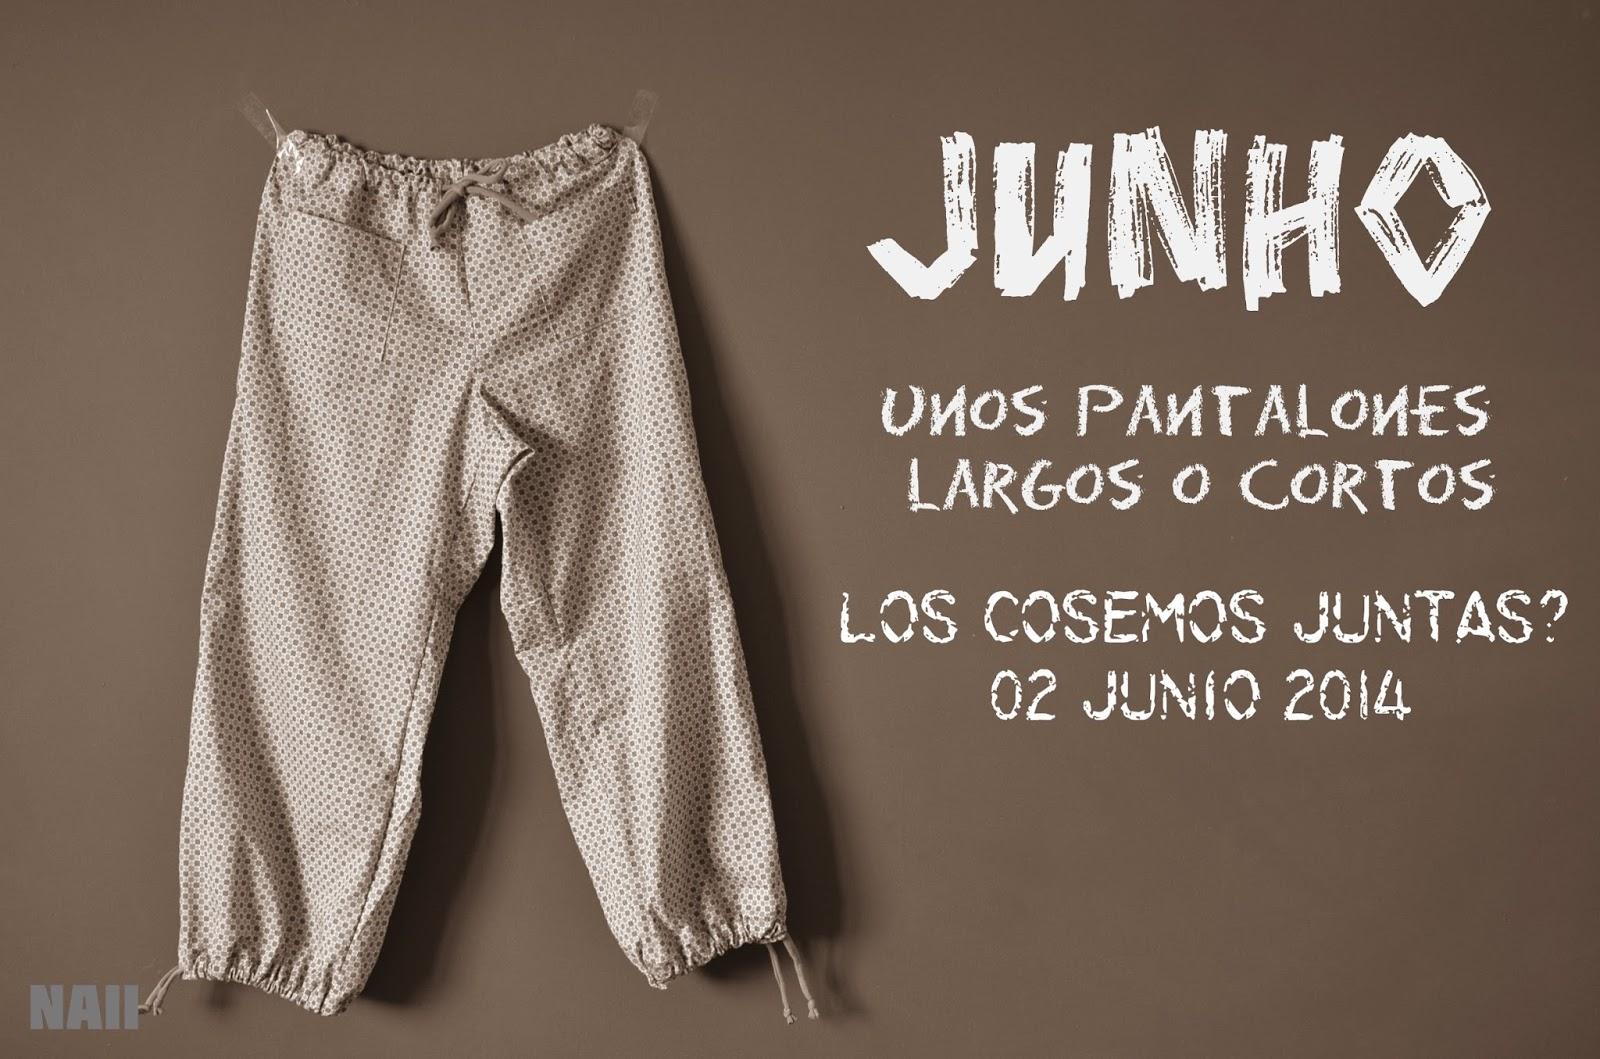 Cosemos juntas Junho – patrón pantalones adulto